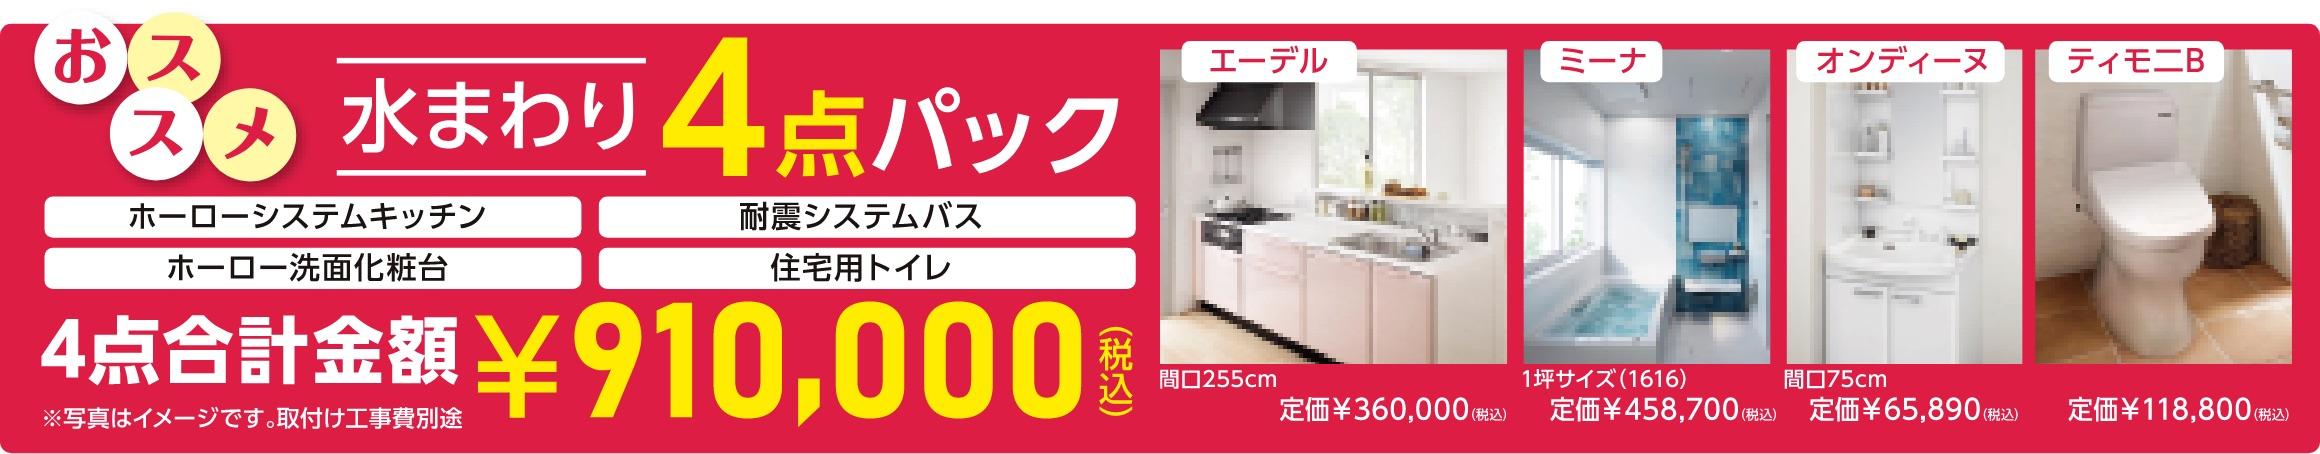 おススメ水まわり4点パック ・ホーローシステムキッチン ・ホーロー洗面化粧台 ・耐震システムバス ・住宅用トイレ 4点合計金額 ¥¥910,000(税込) ※写真はイメージです。取付け工事費別途